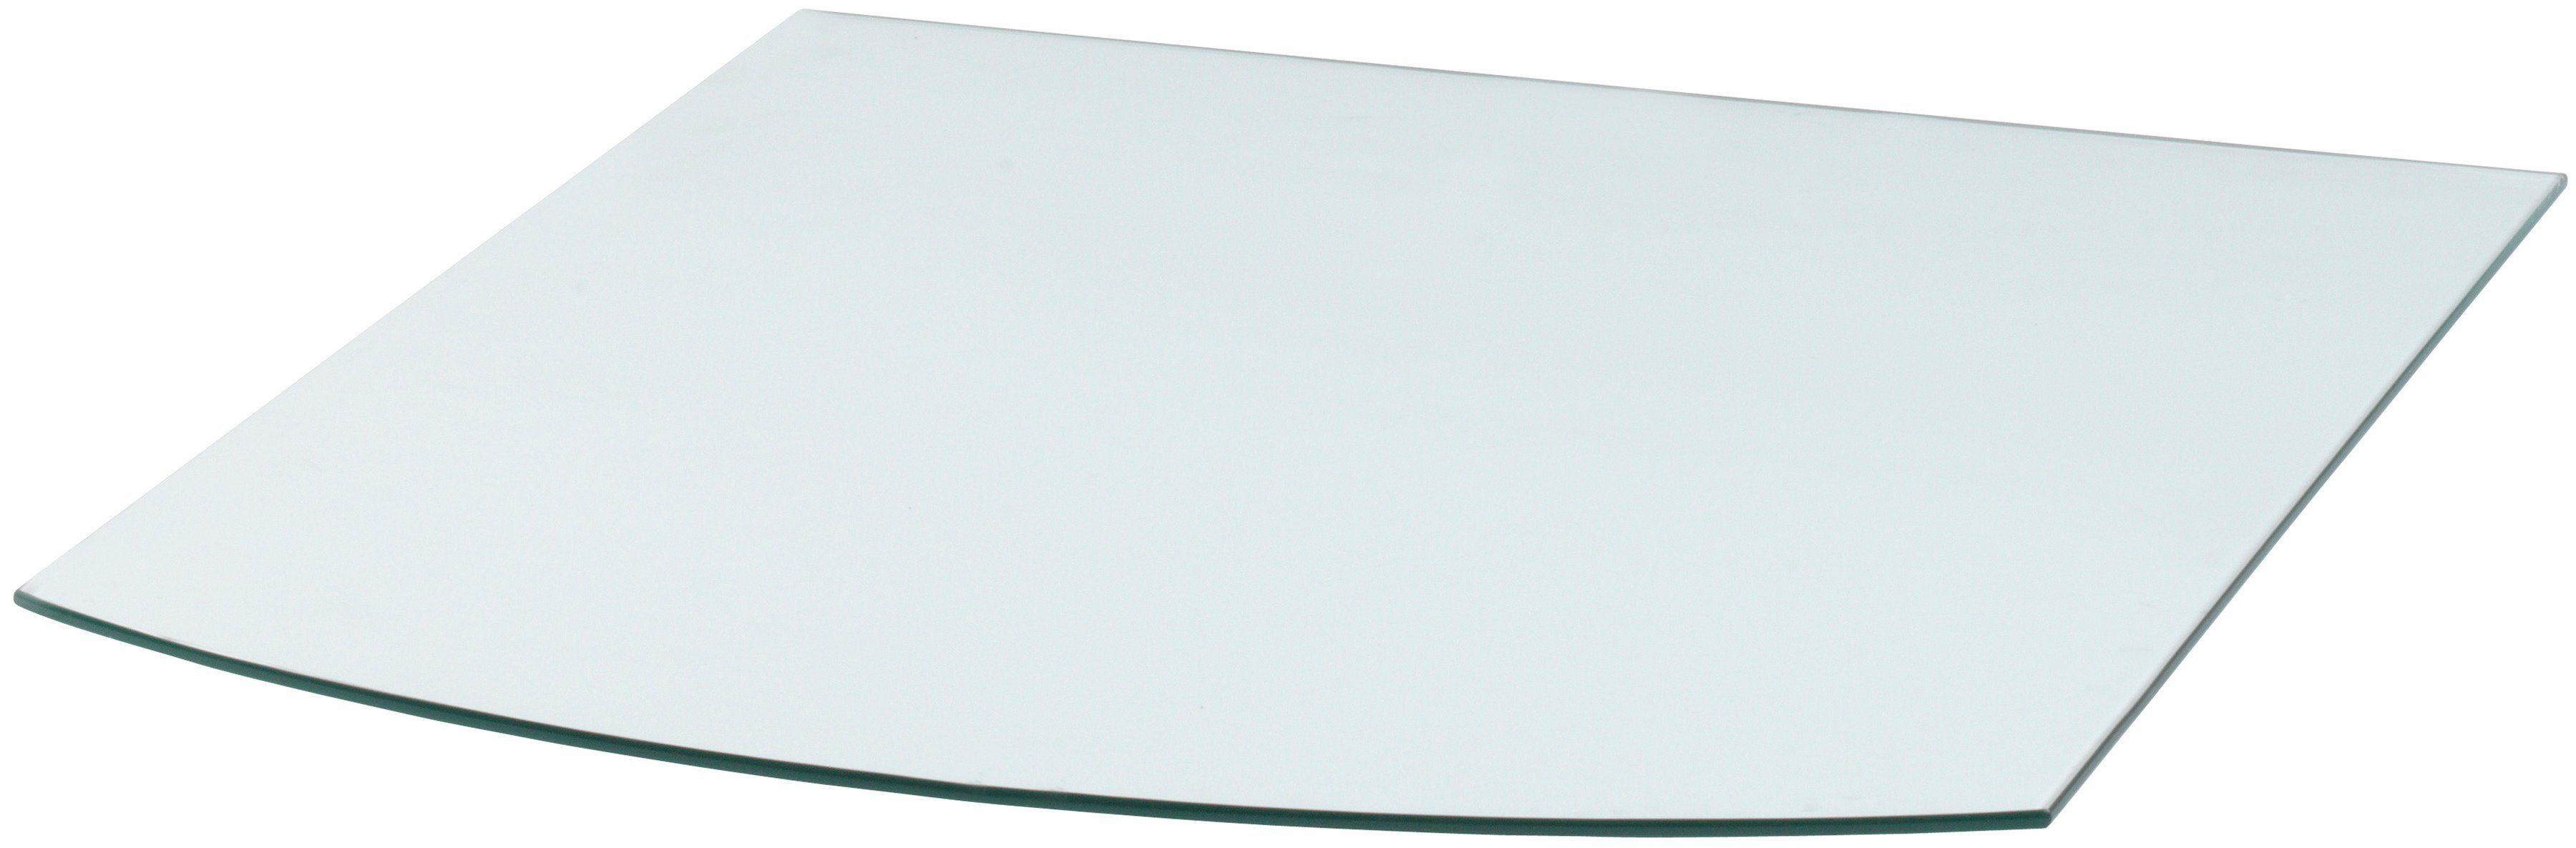 Glasbodenplatte »Segmentbogen«, 80 x 100 cm, transparent, zum Funkenschutz